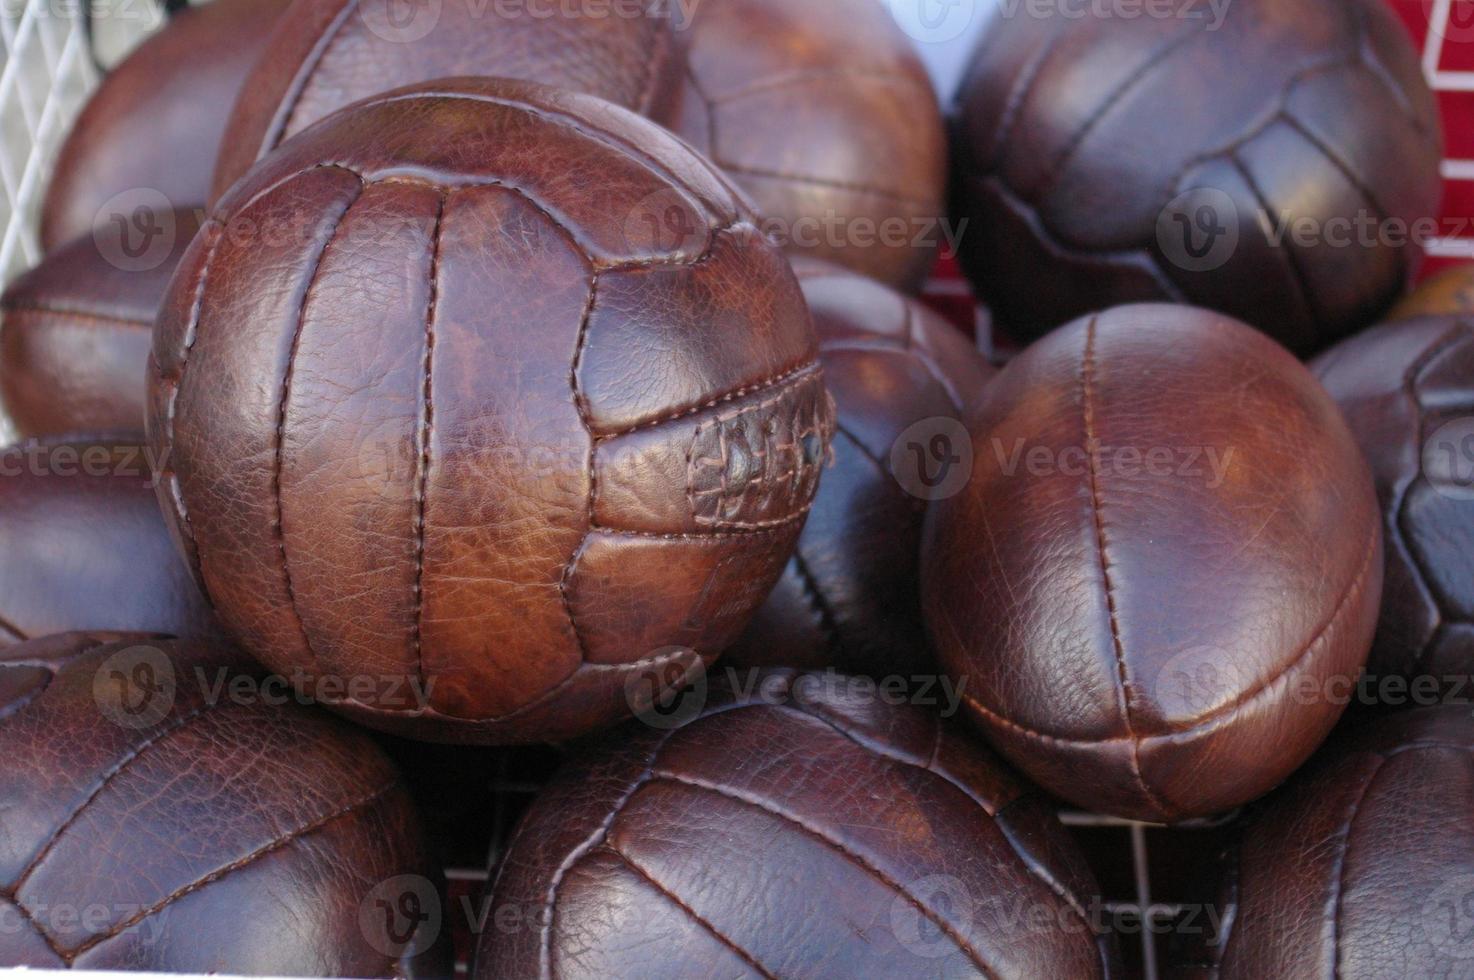 balones de fútbol de fútbol / balones de rugby foto